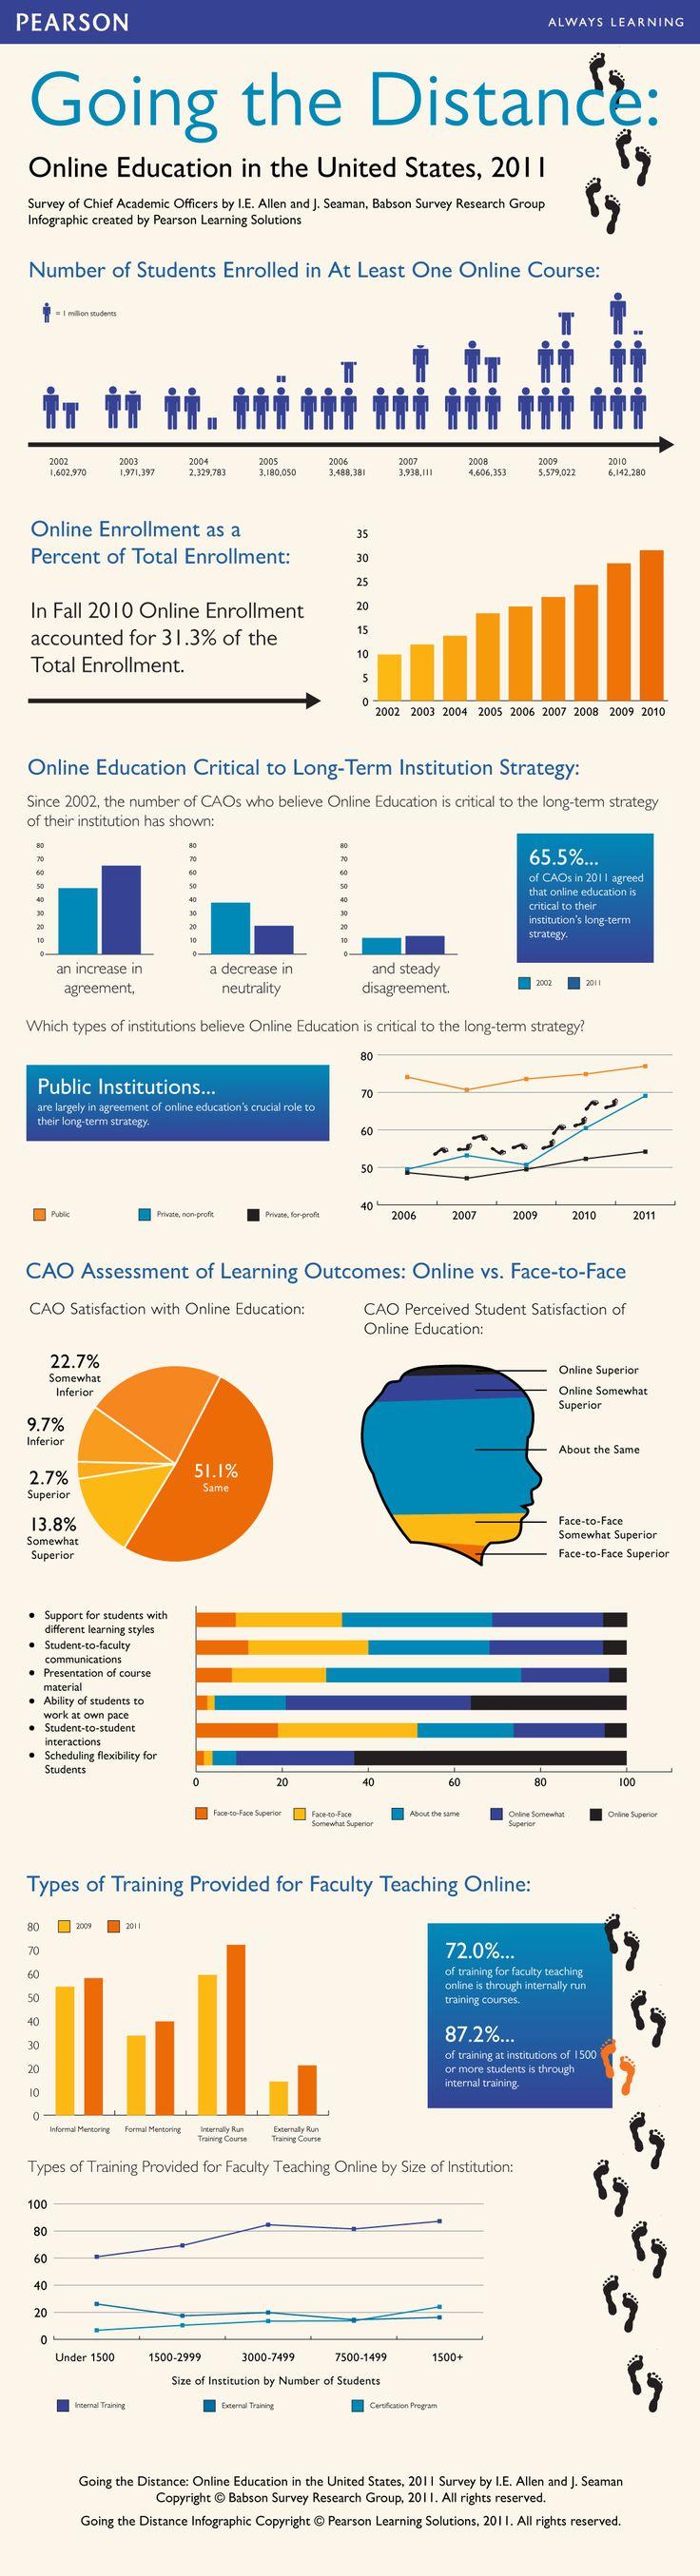 Online education in the u s a during 2011 educaci n en l nea en los estados unidos